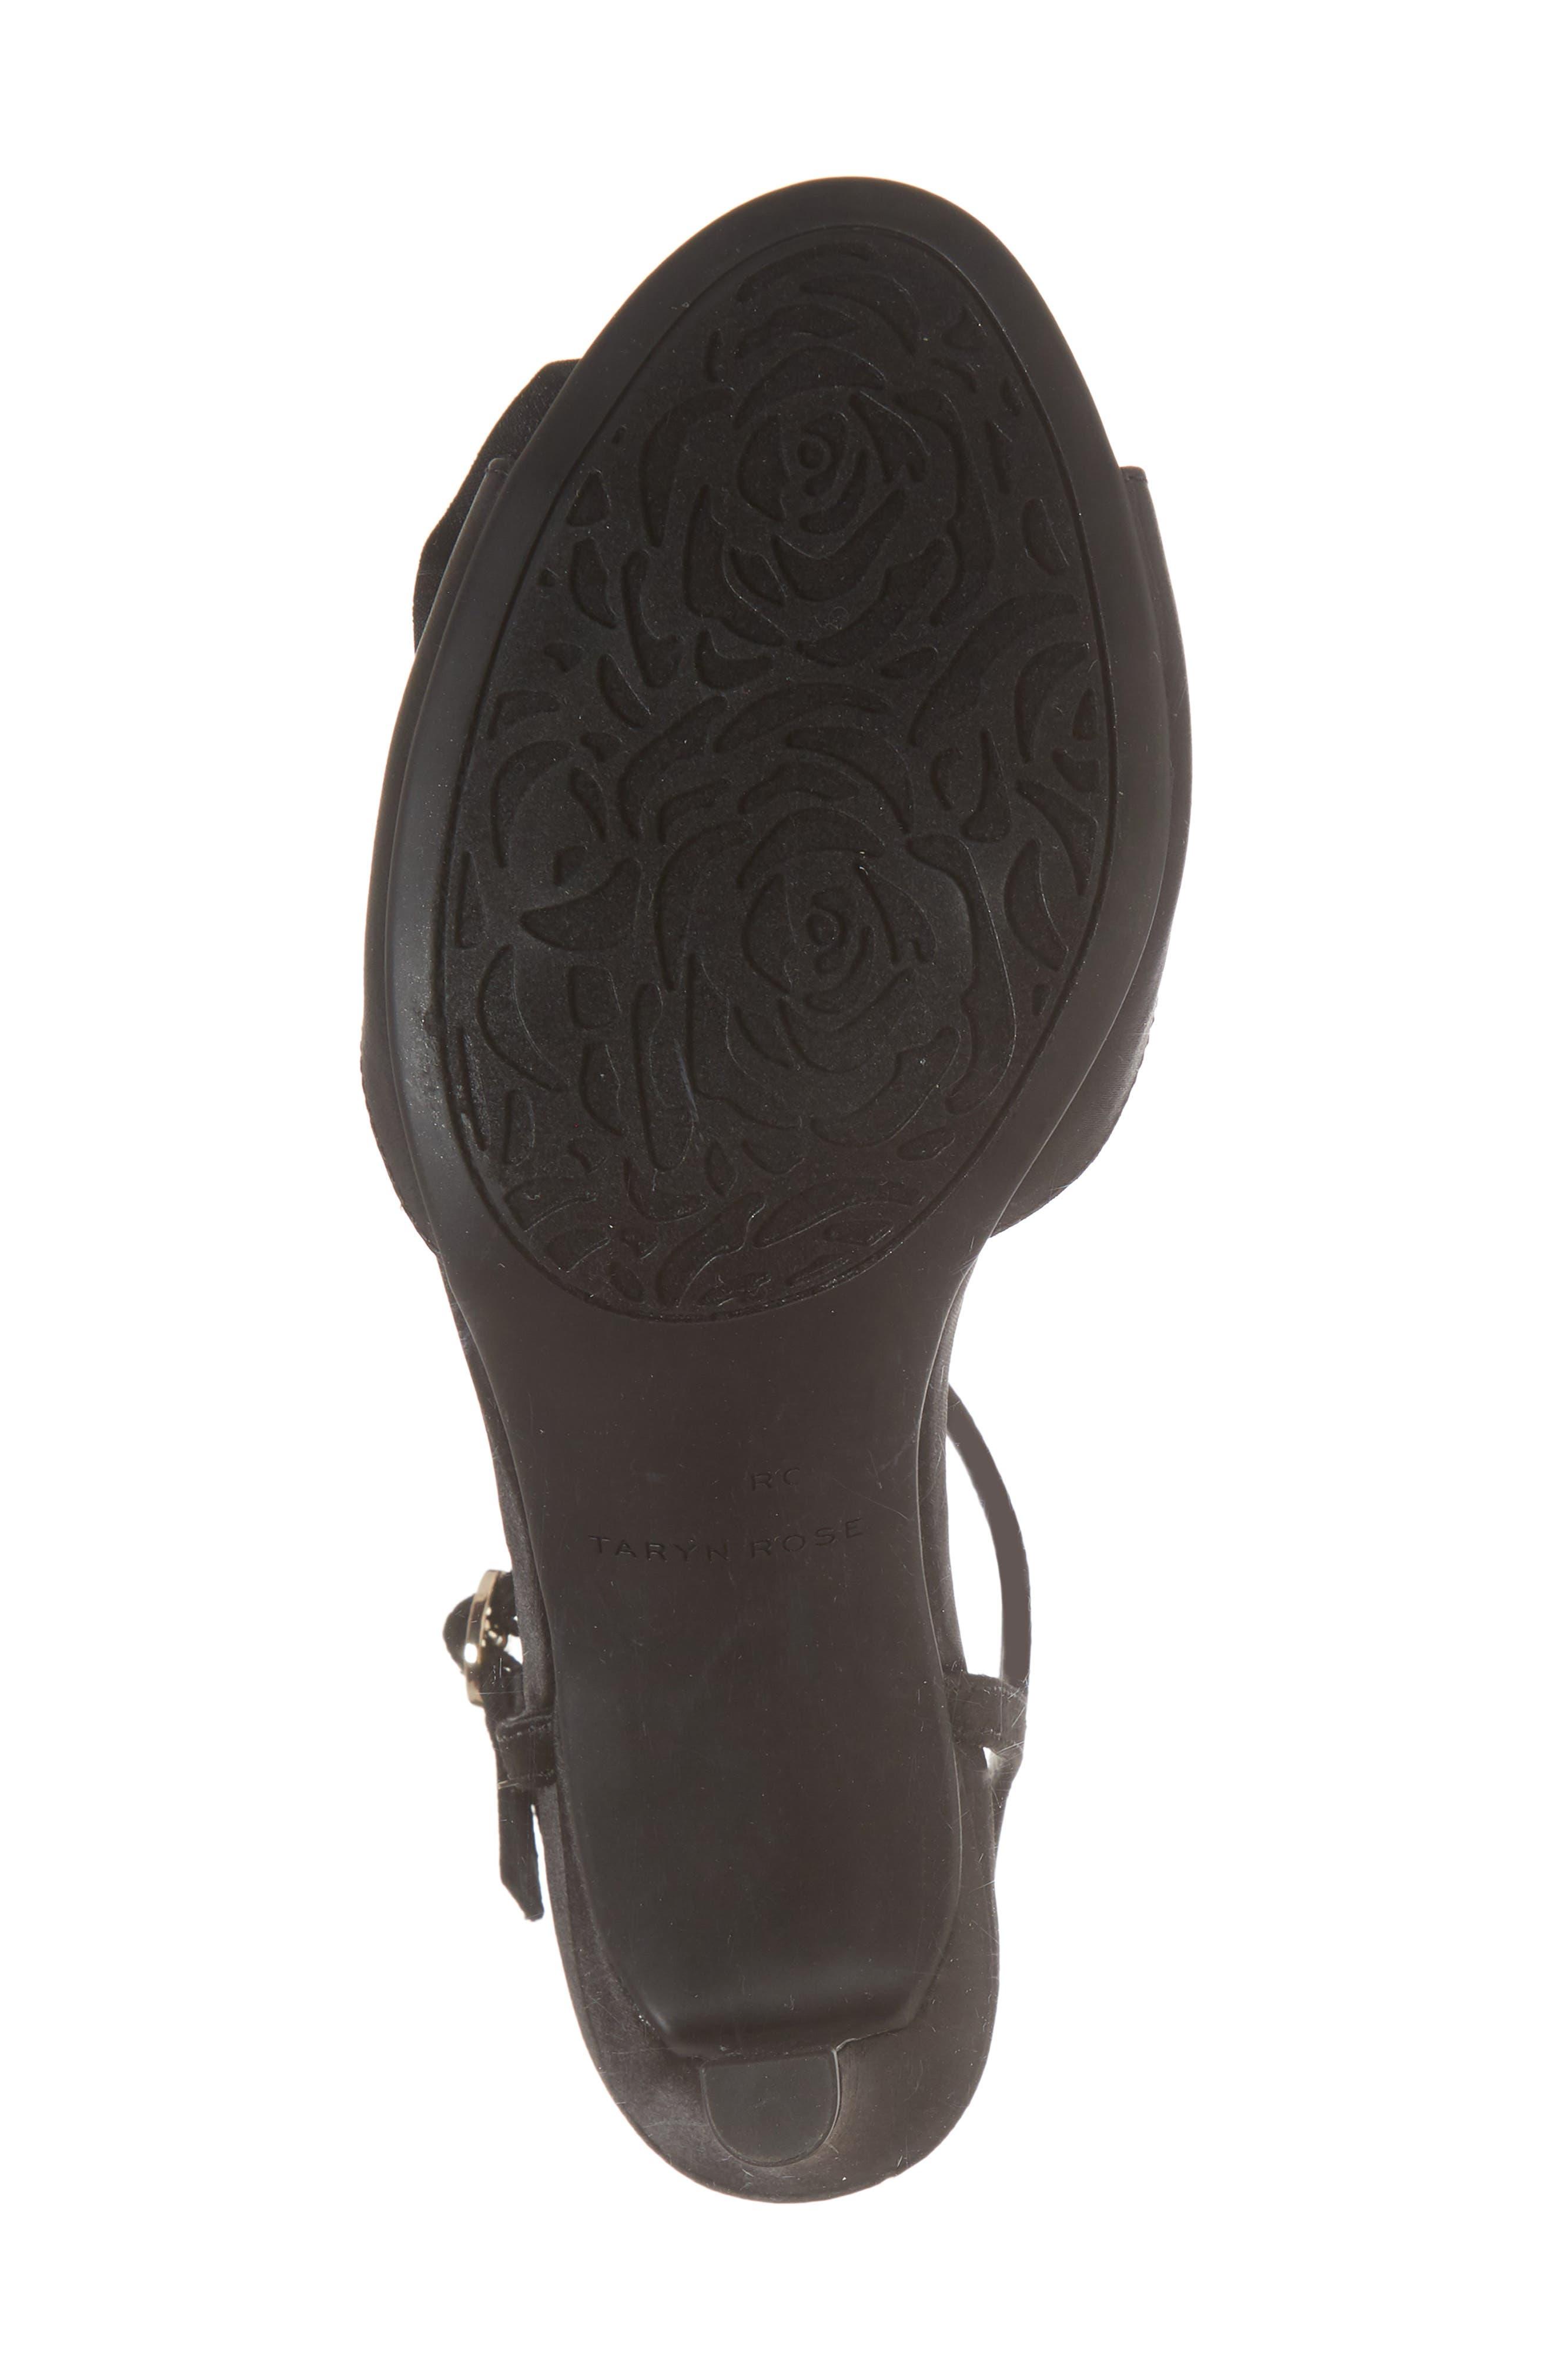 Jacklyn Flower Sandal,                             Alternate thumbnail 6, color,                             BLACK SHIMMER FABRIC